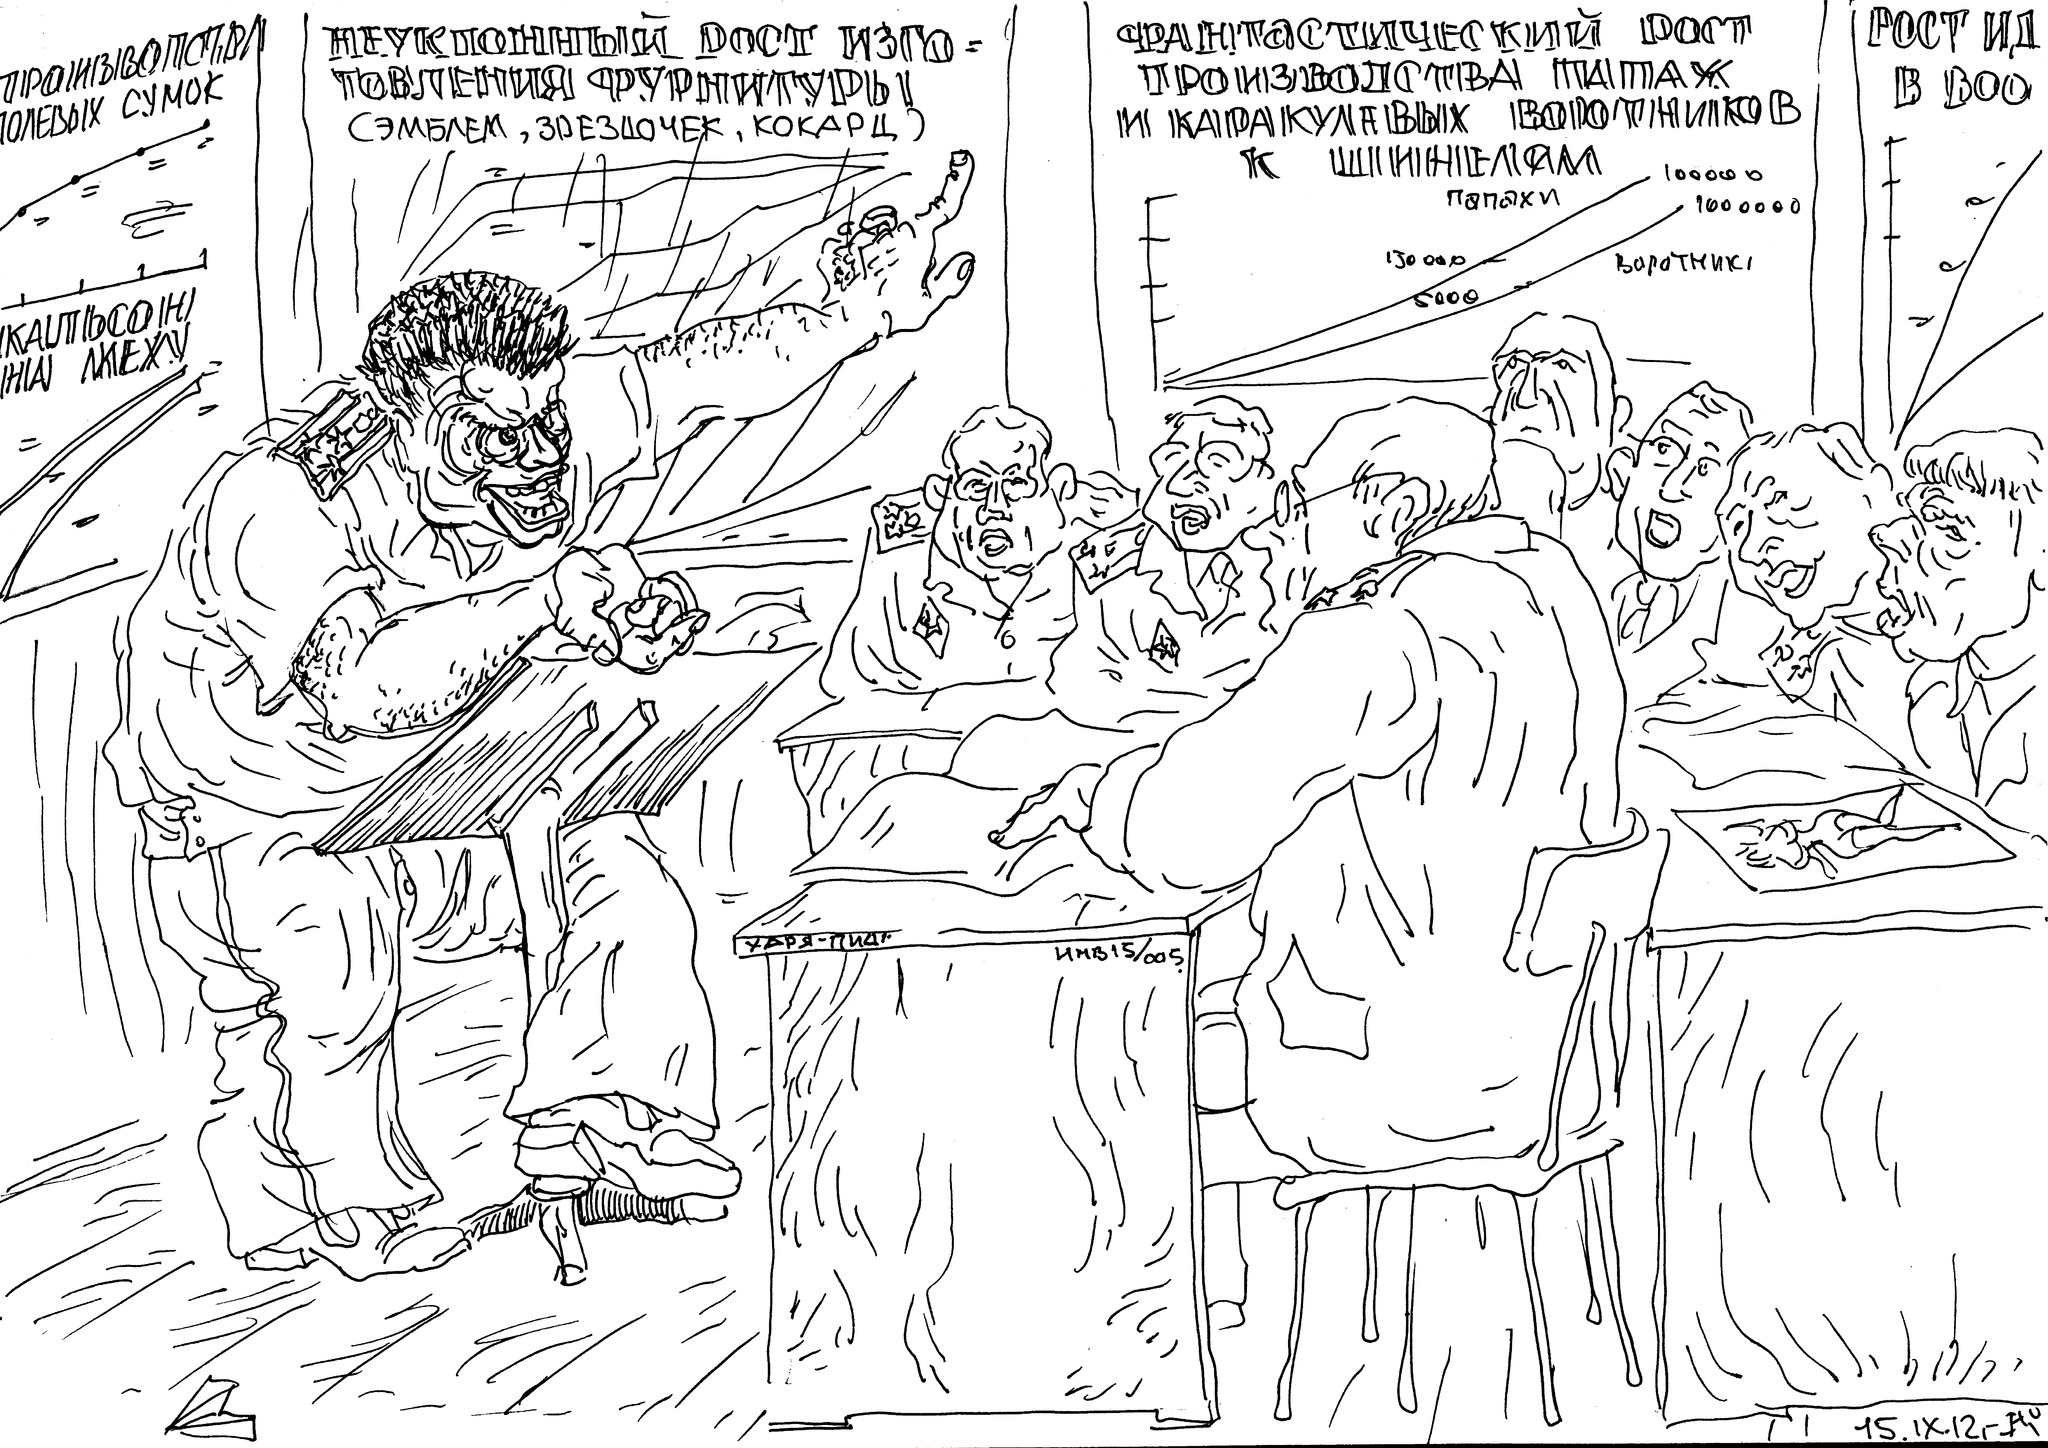 Еженедельная «читка» или семинар по марксистско-ленинской подготовке офицеров